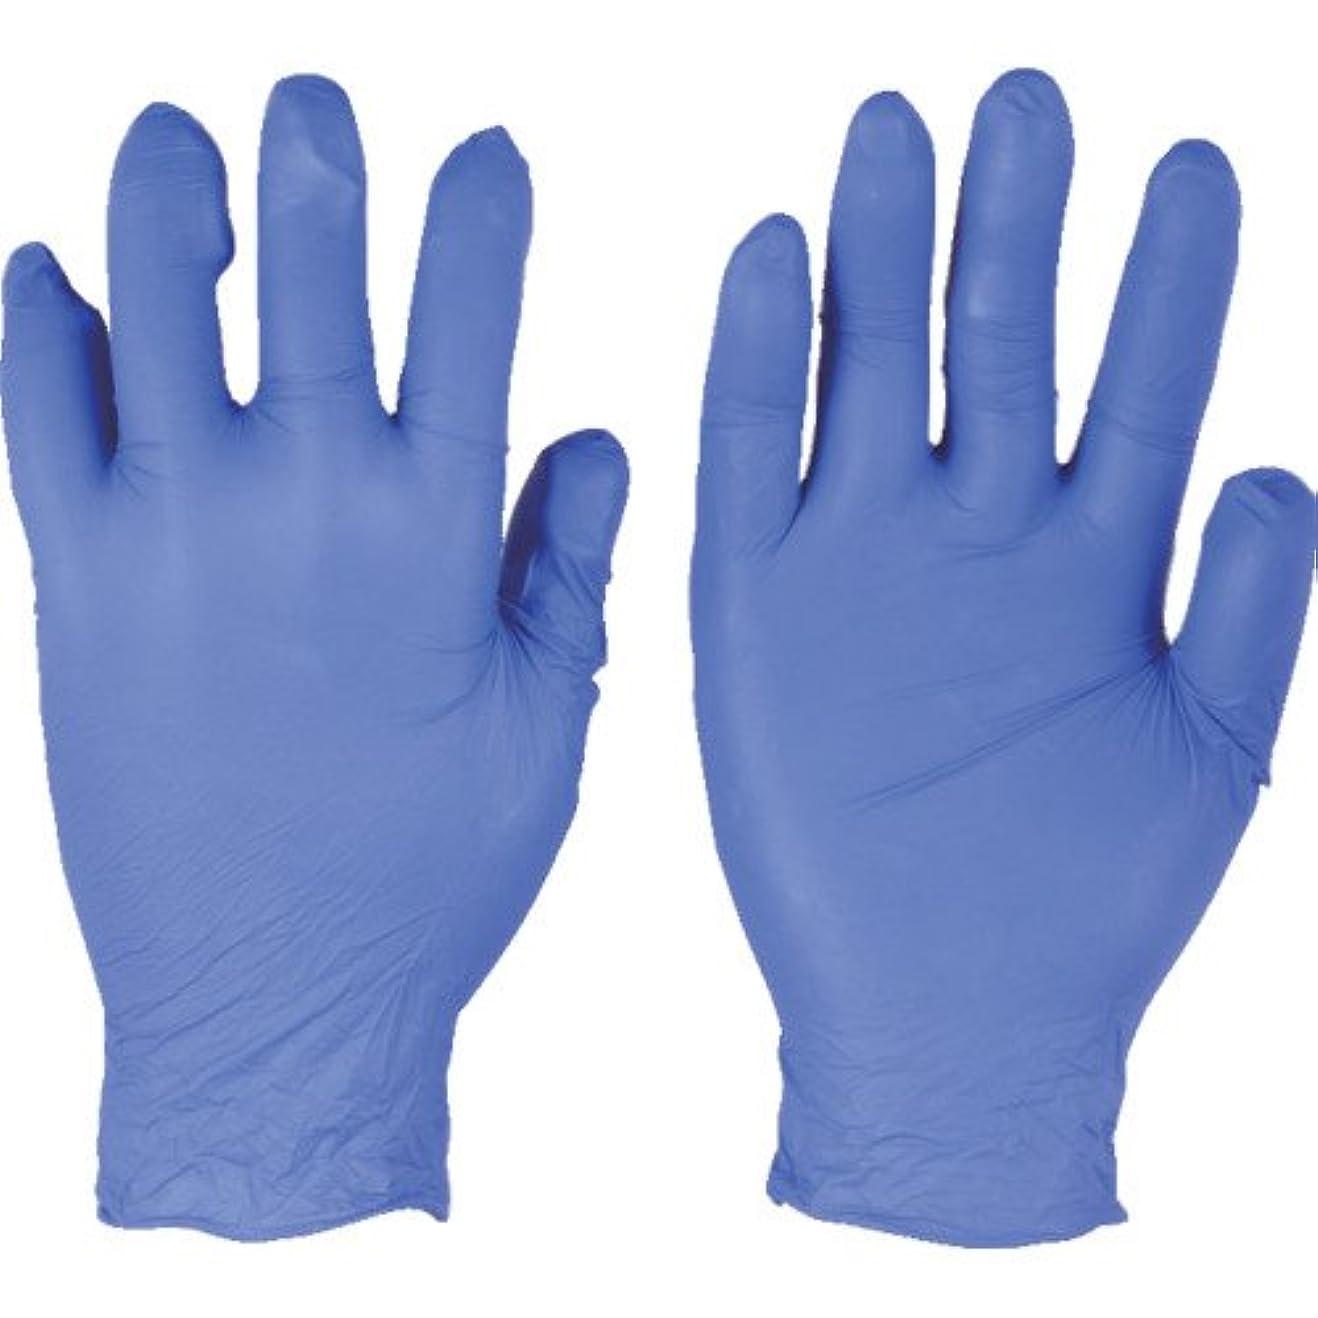 窒素海岸数値トラスコ中山 アンセル ニトリルゴム使い捨て手袋 エッジ 82-133 XLサイズ(250枚入)   8213310